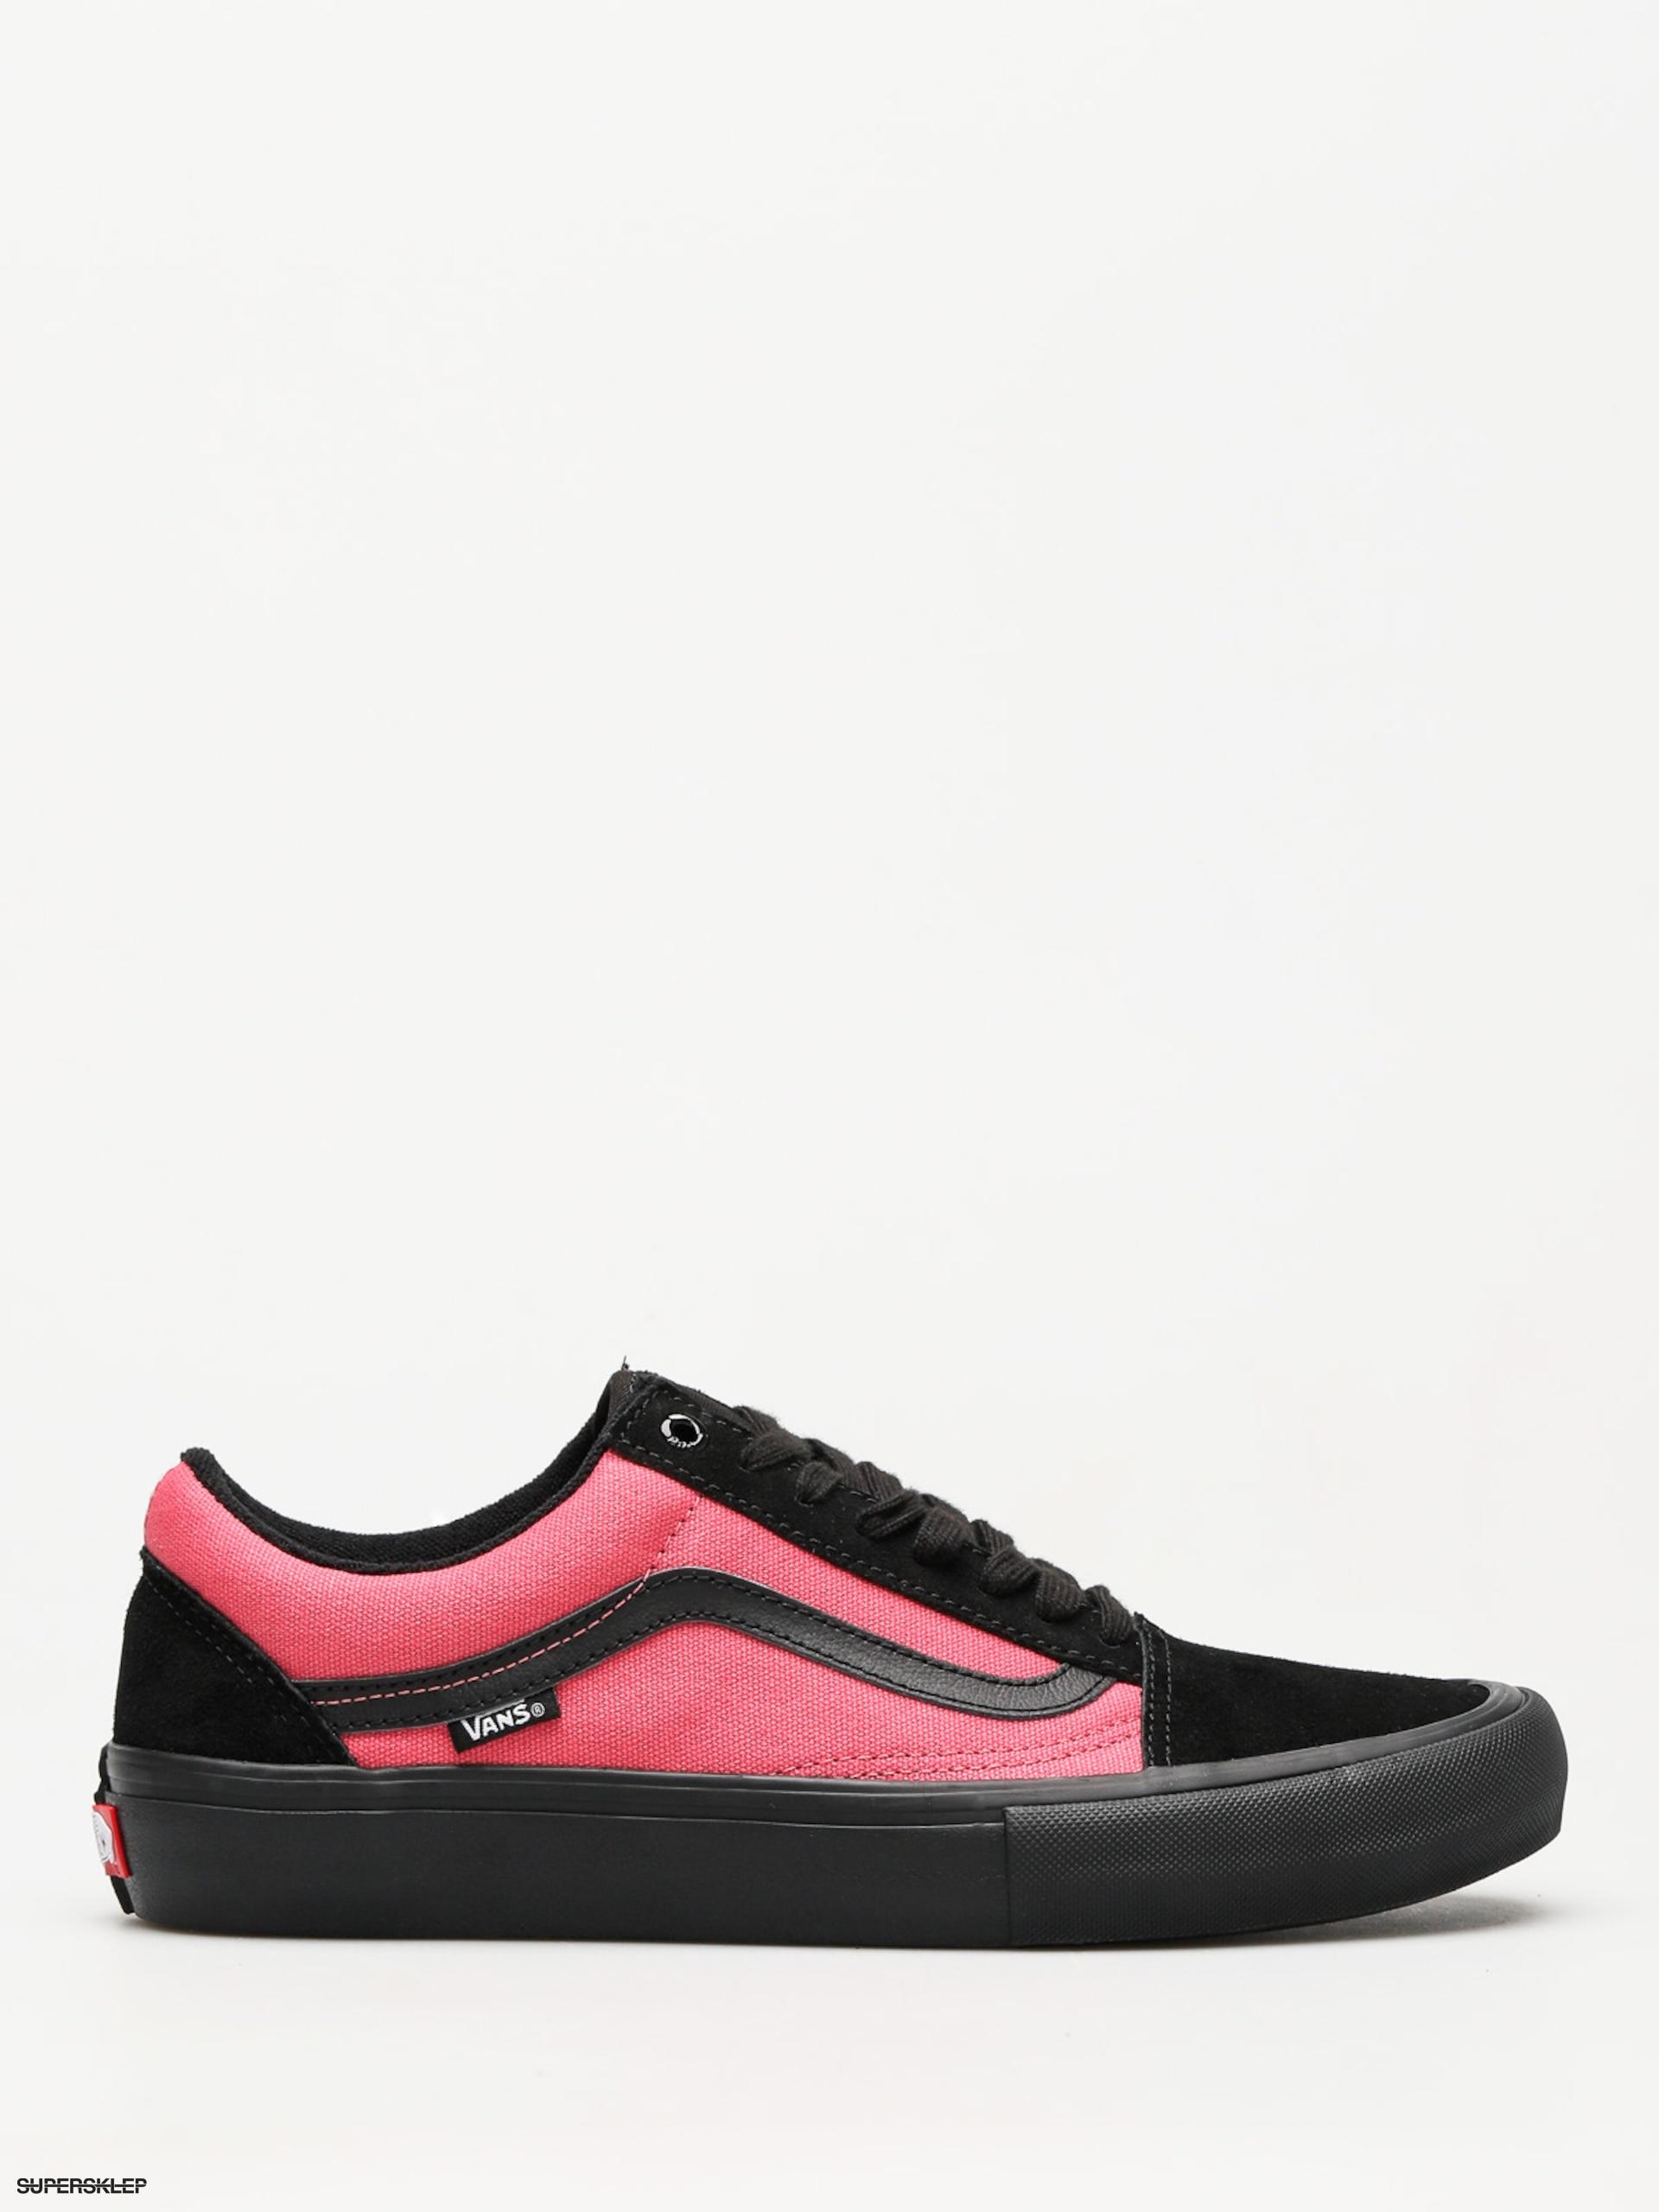 Vans Slip On Pro Asymmetrical Black, Blue, Red & White Skate Shoes